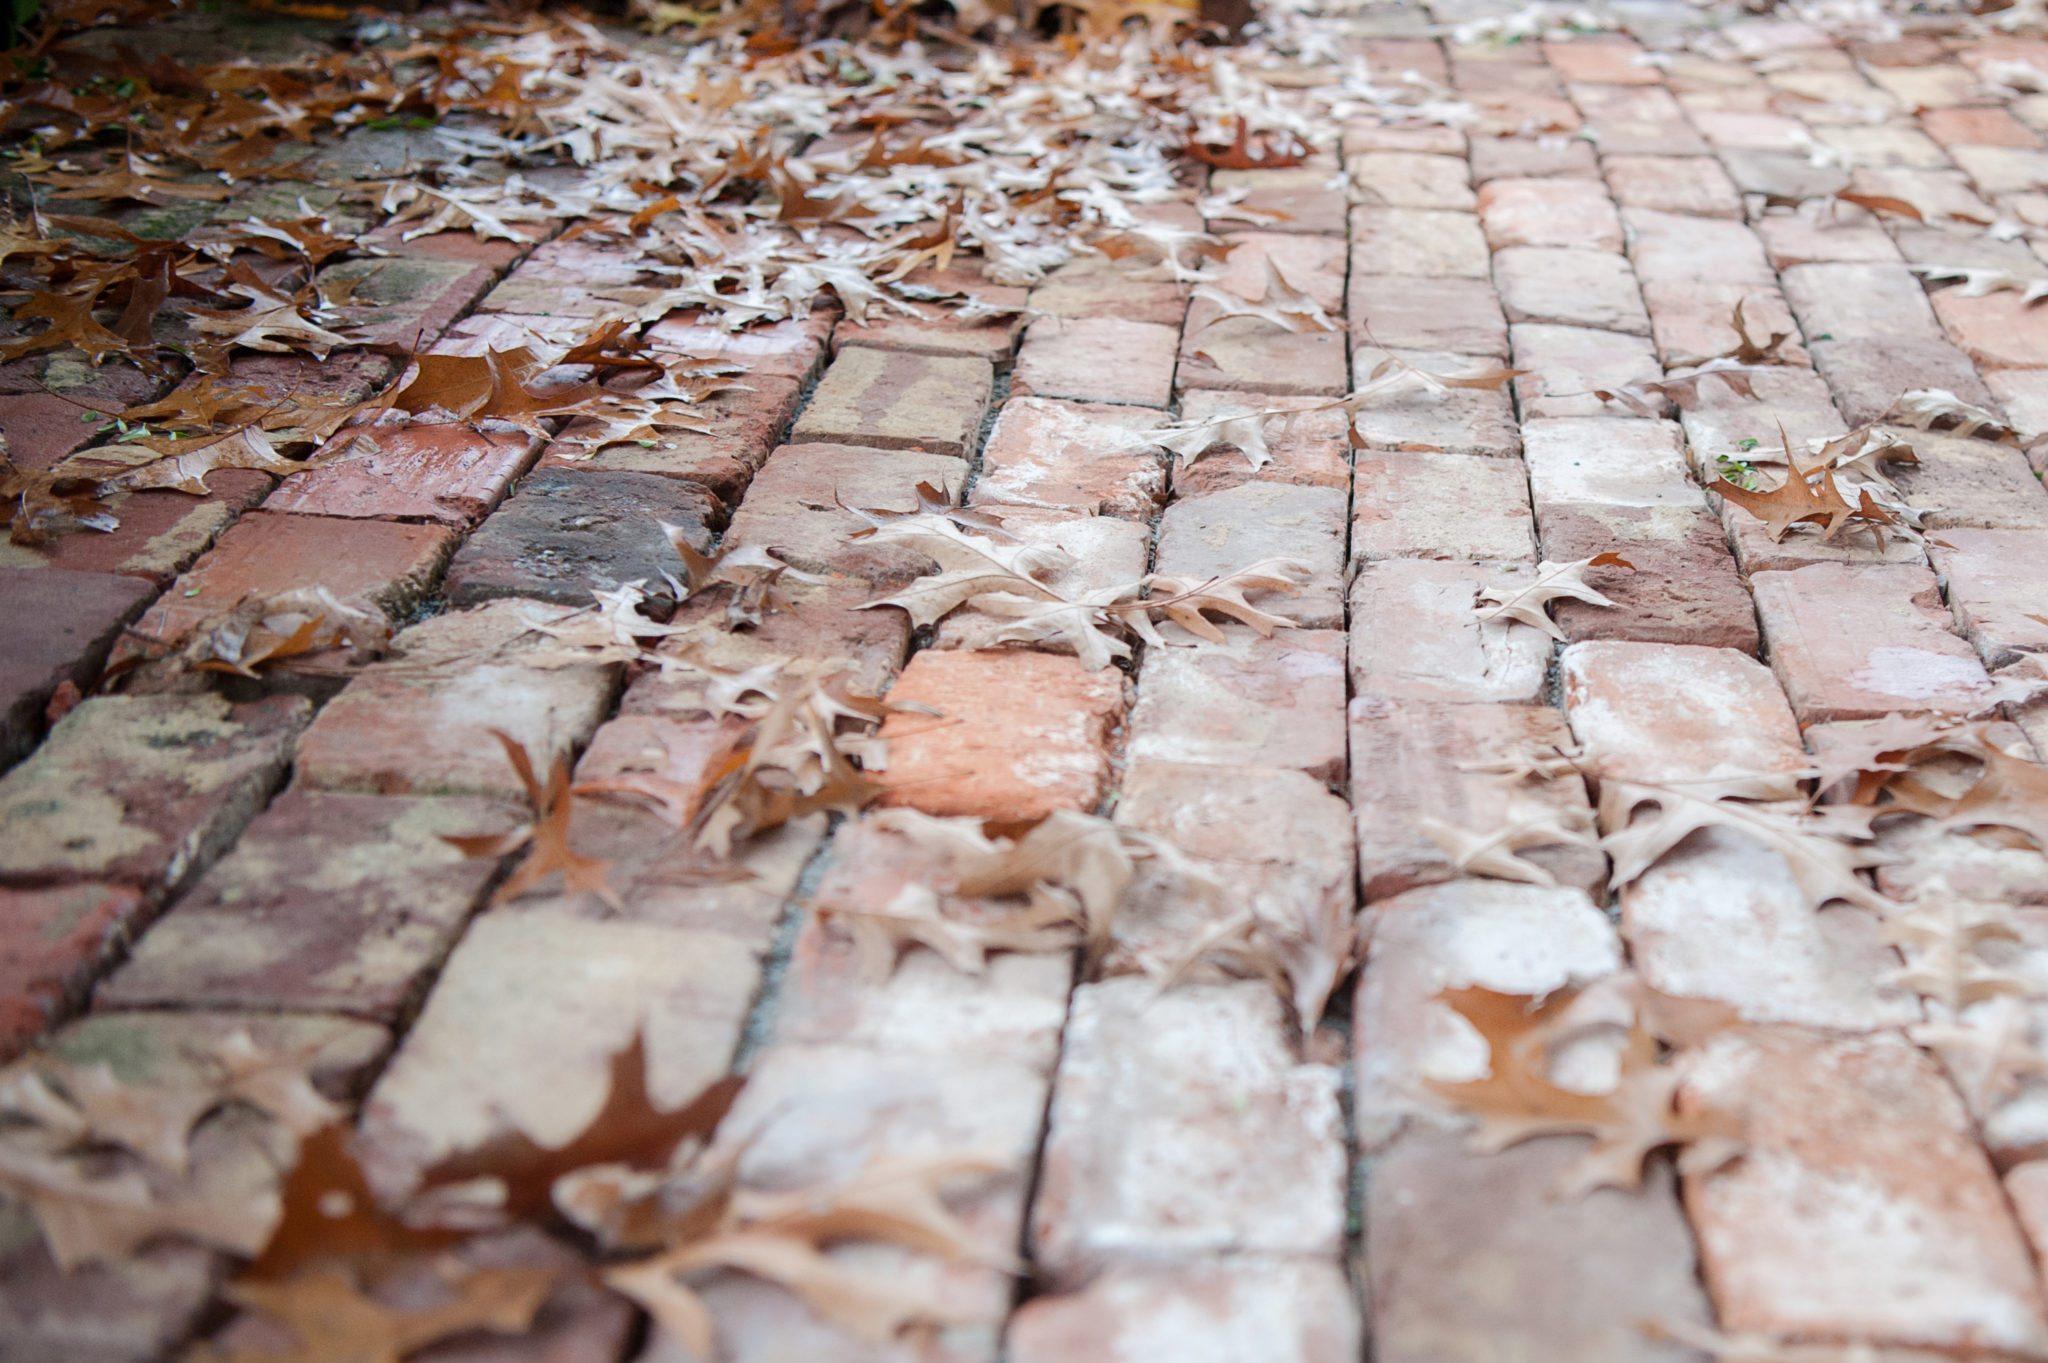 Antique Brick Patio, Reclaimed Brick, Antique Brick Patio